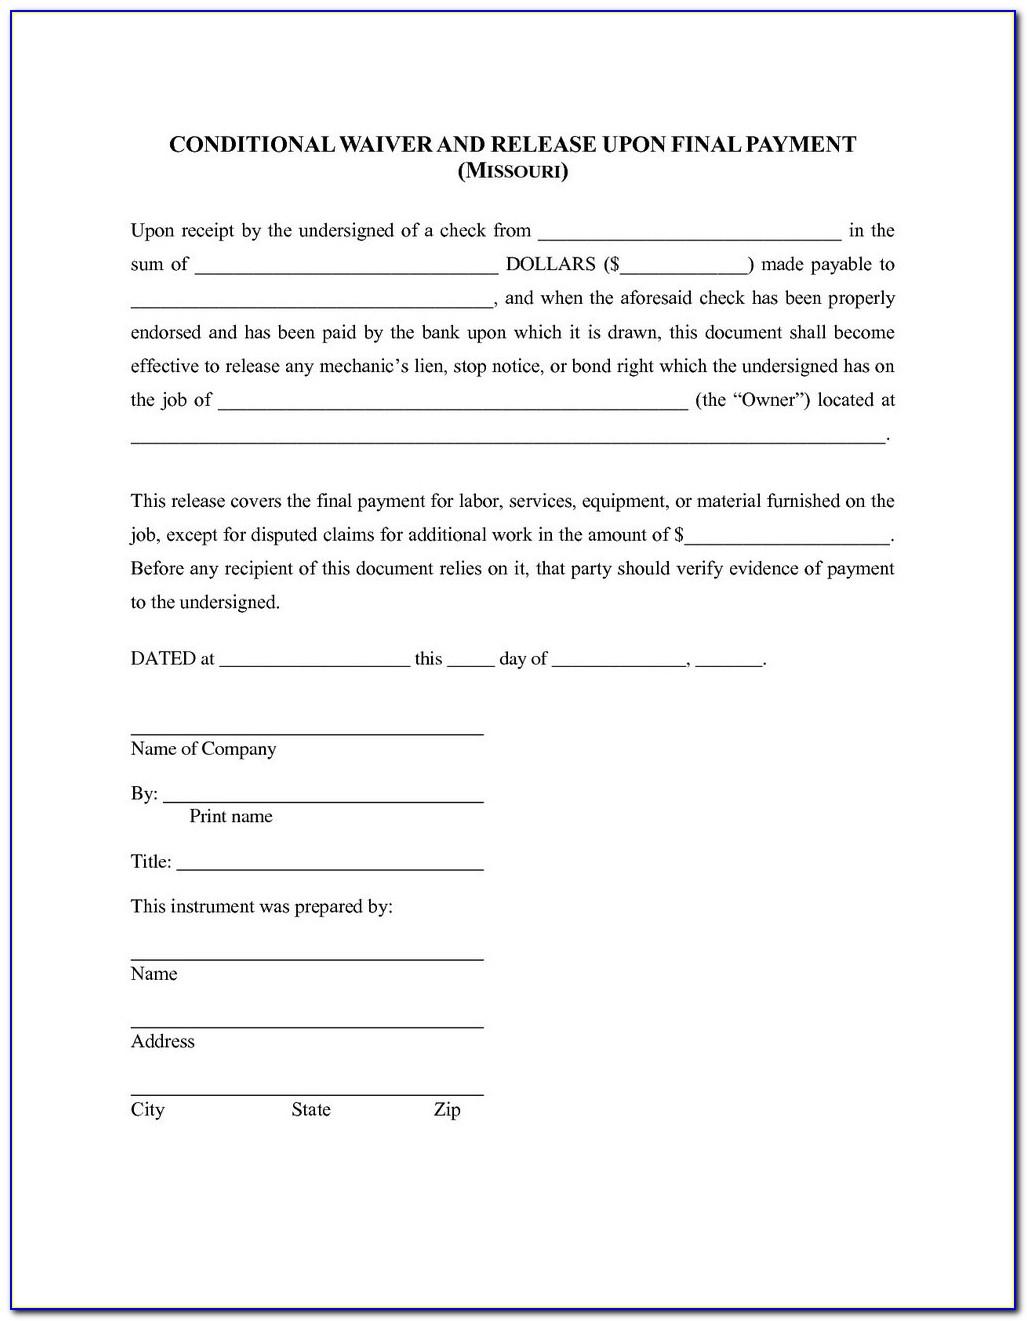 Texas Mechanics Lien Release Form